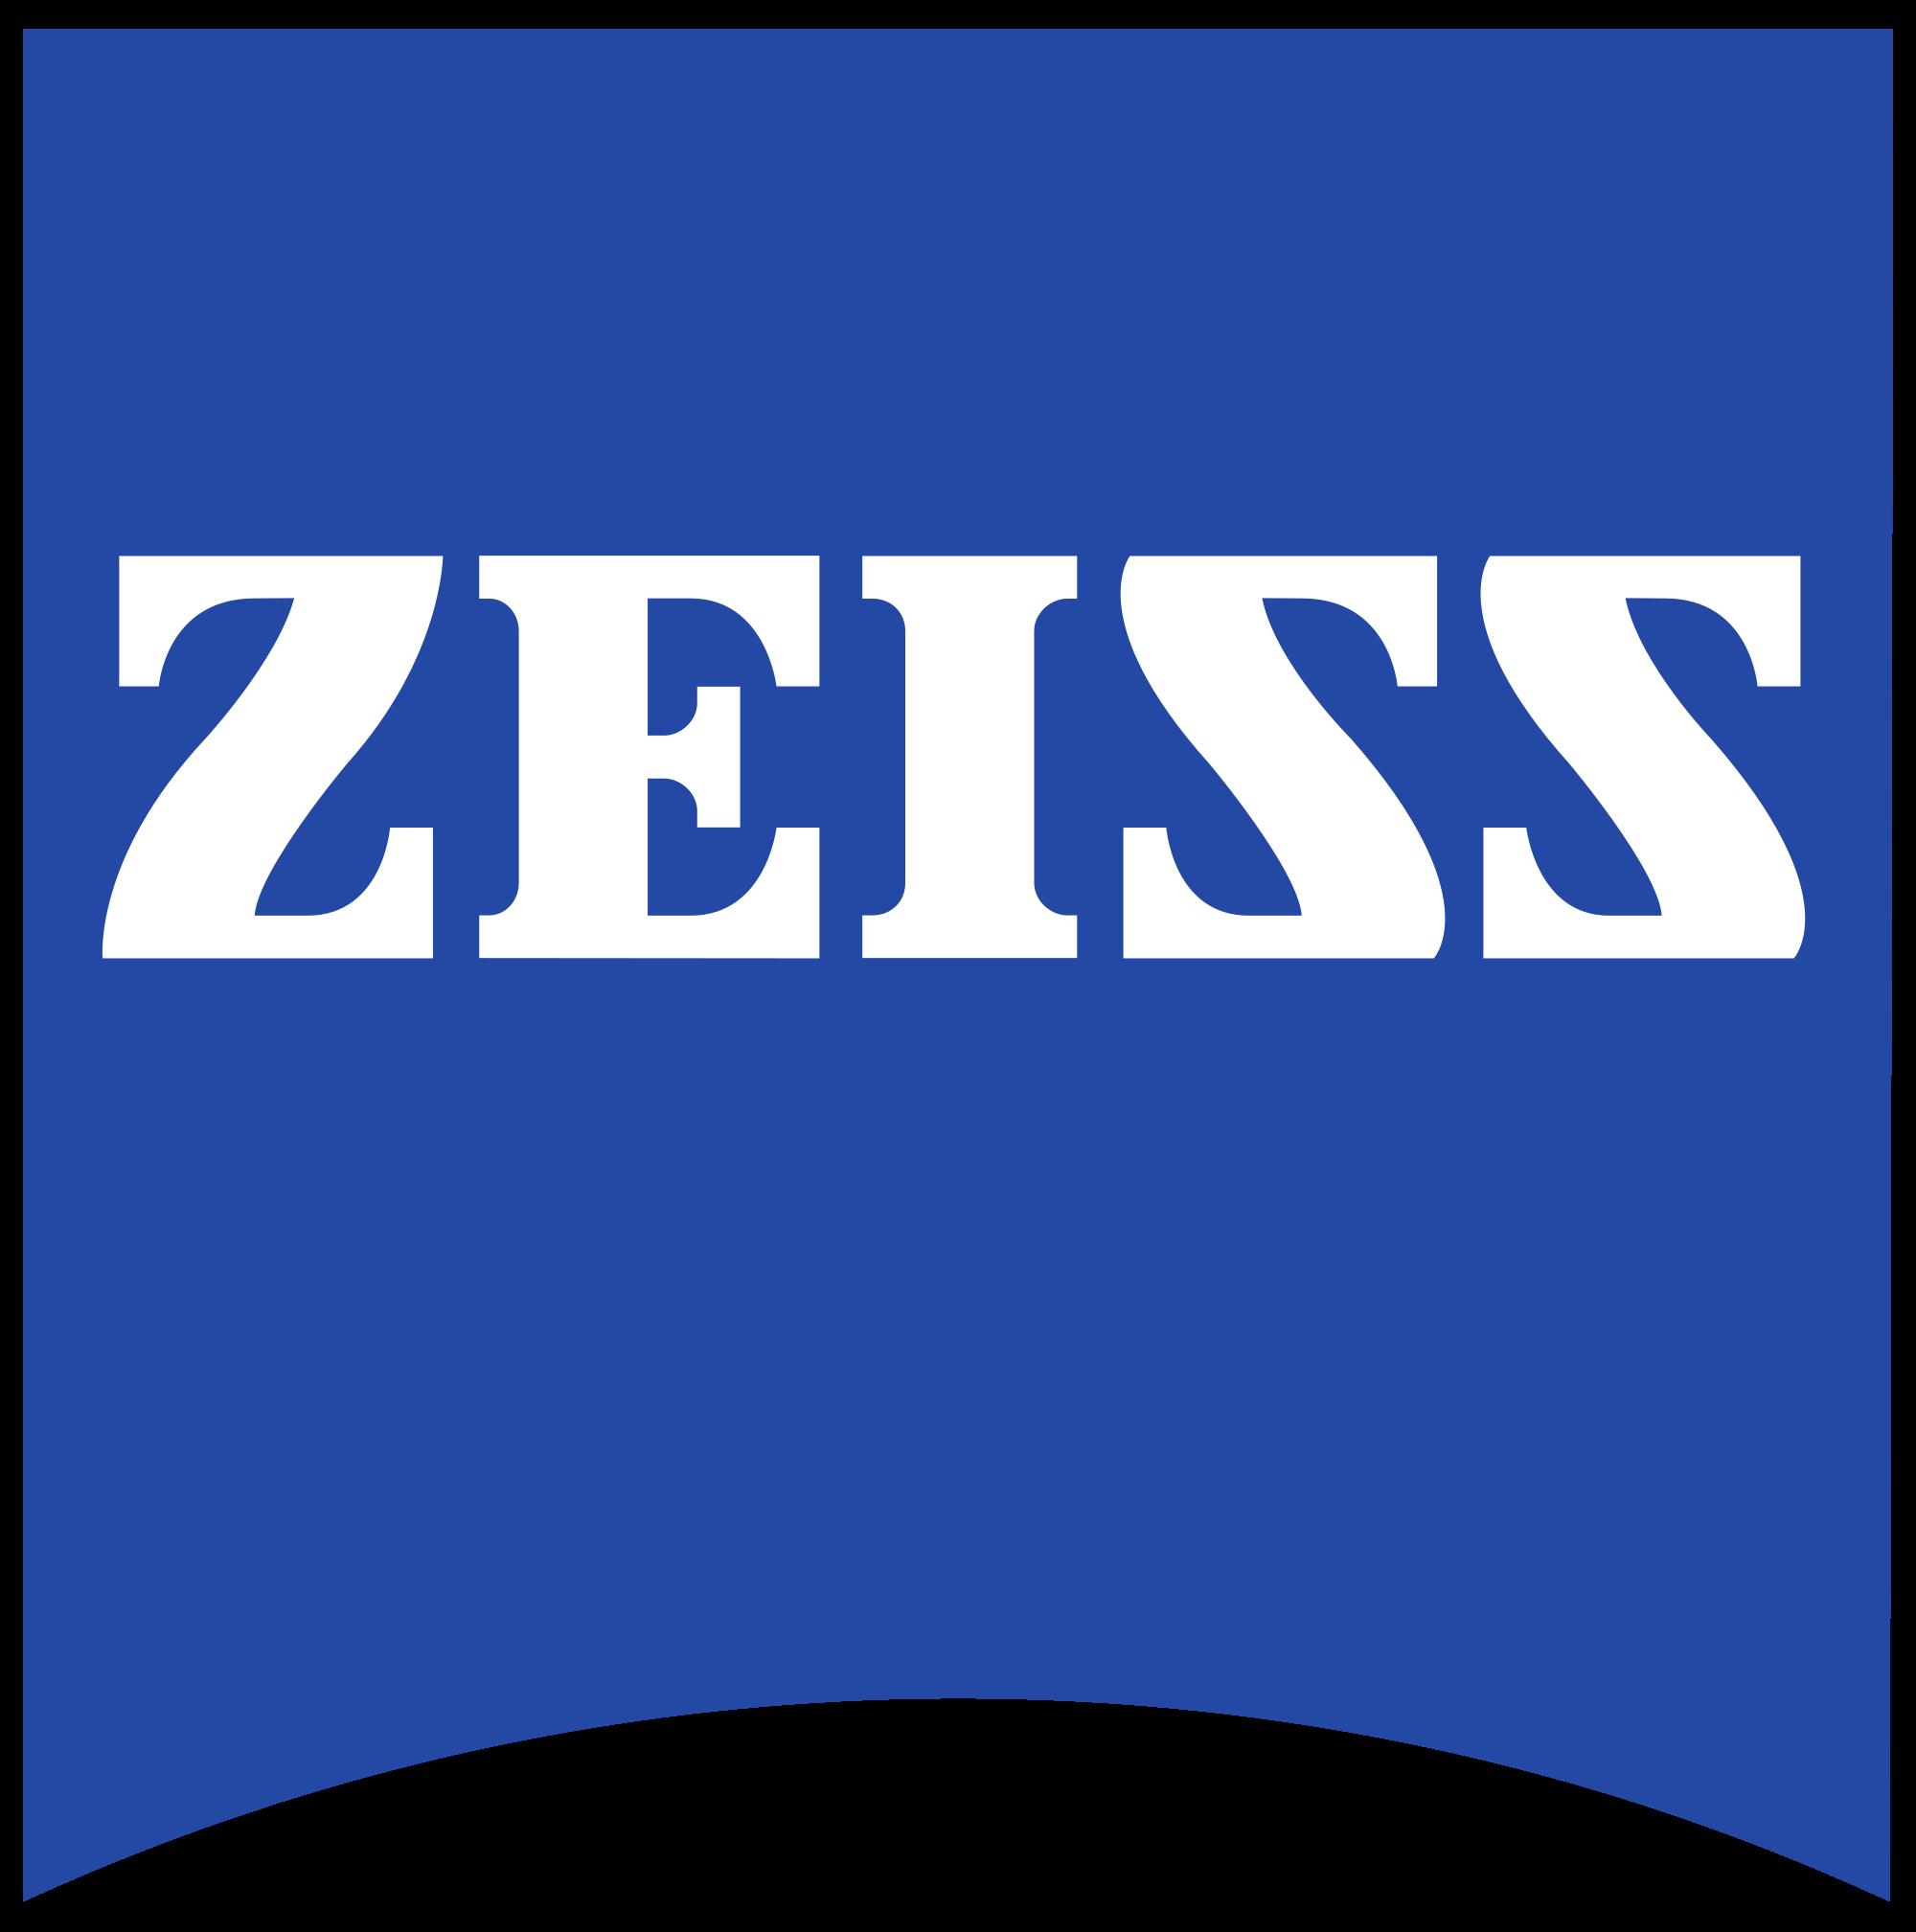 Zeiss mit über 2,5Mrd. Euro Umsatz